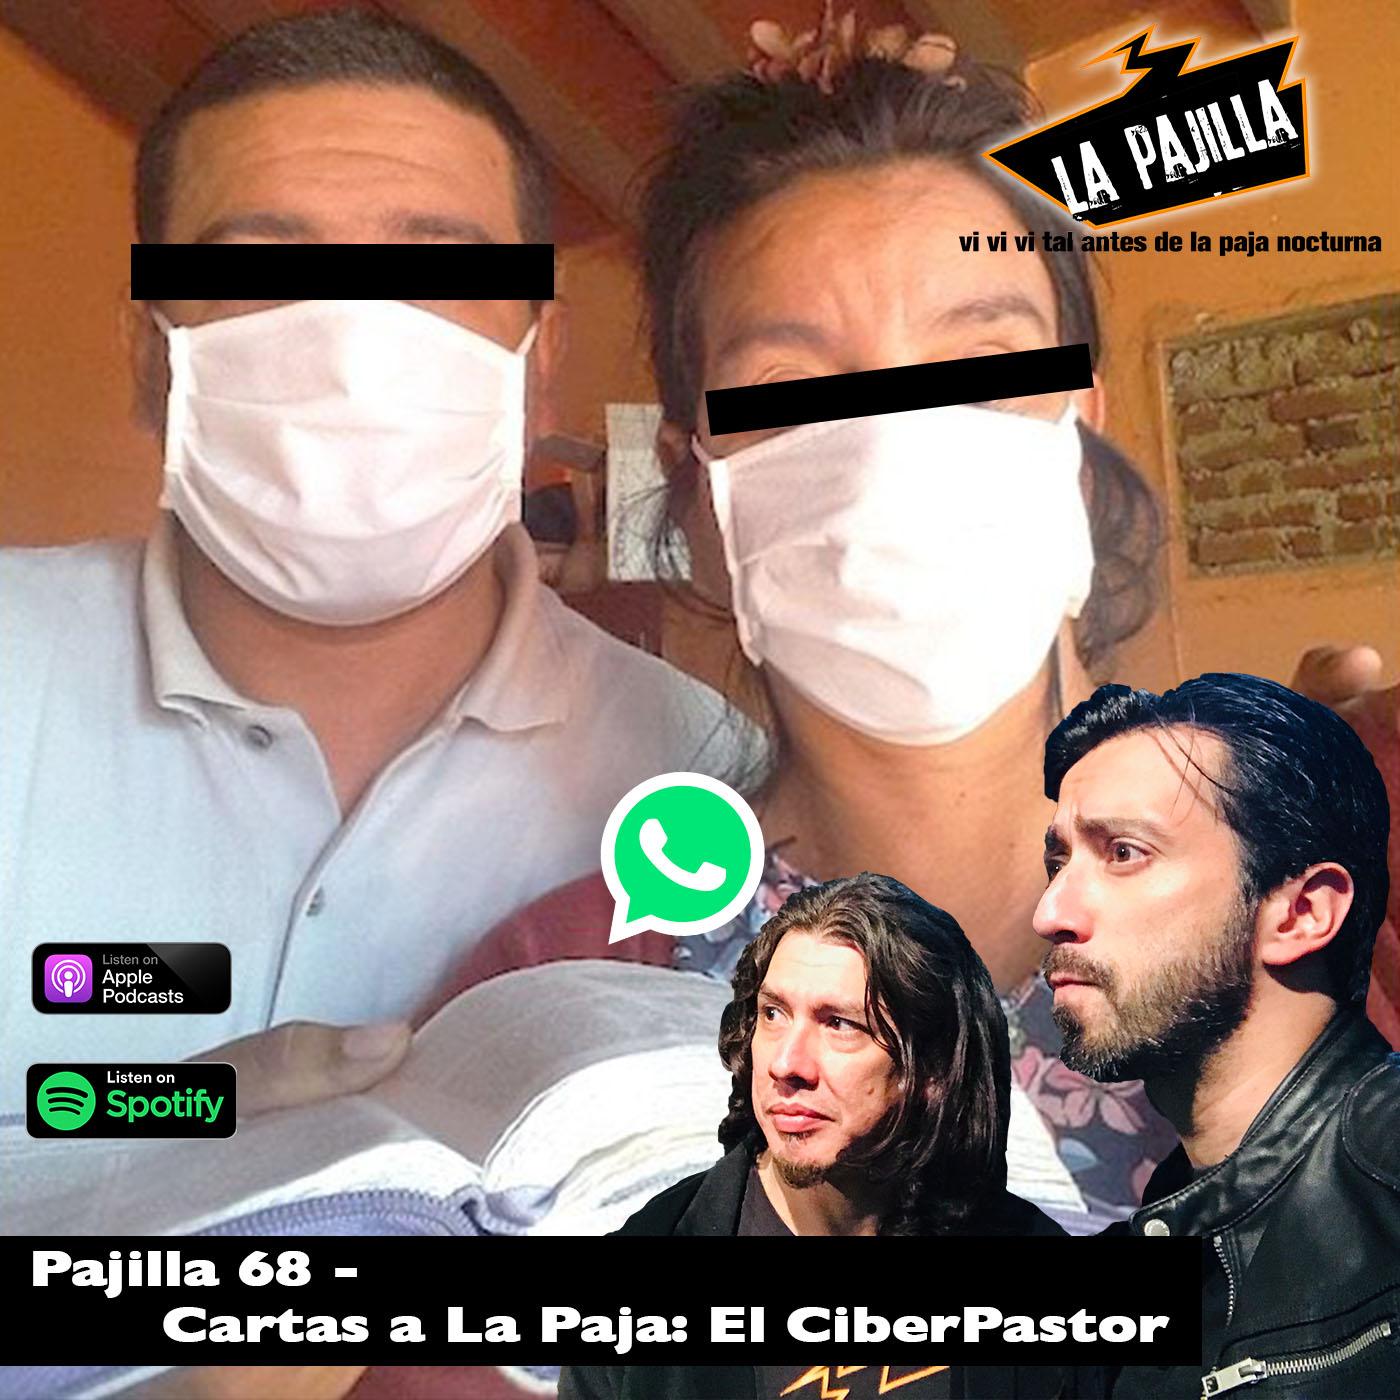 La Paja Nocturna Podcast CR Pajilla 68